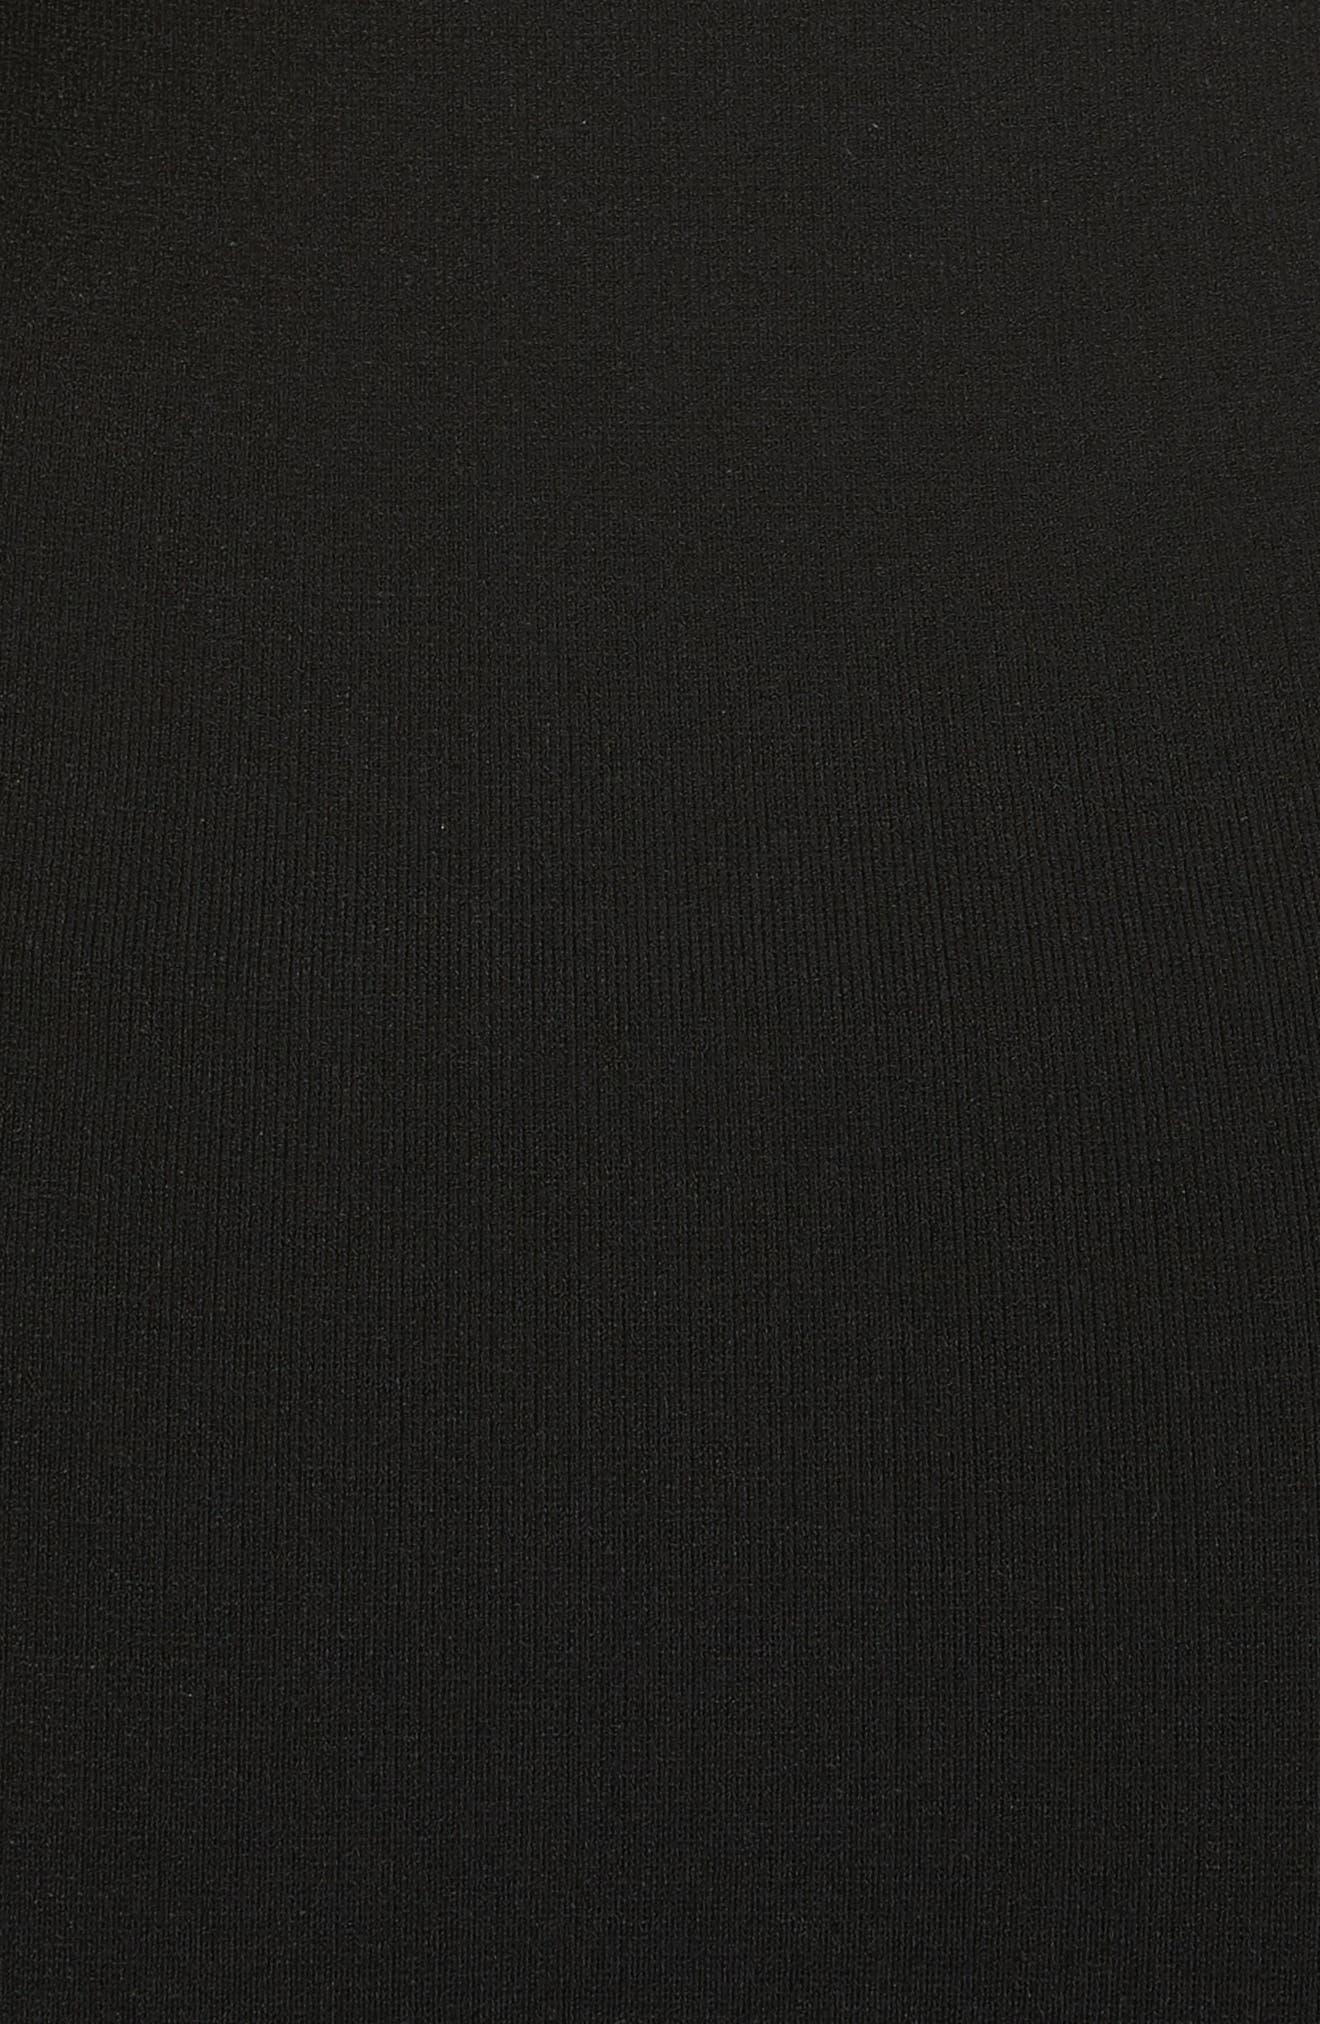 Cold Shoulder Flounce Sheath Dress,                             Alternate thumbnail 5, color,                             001